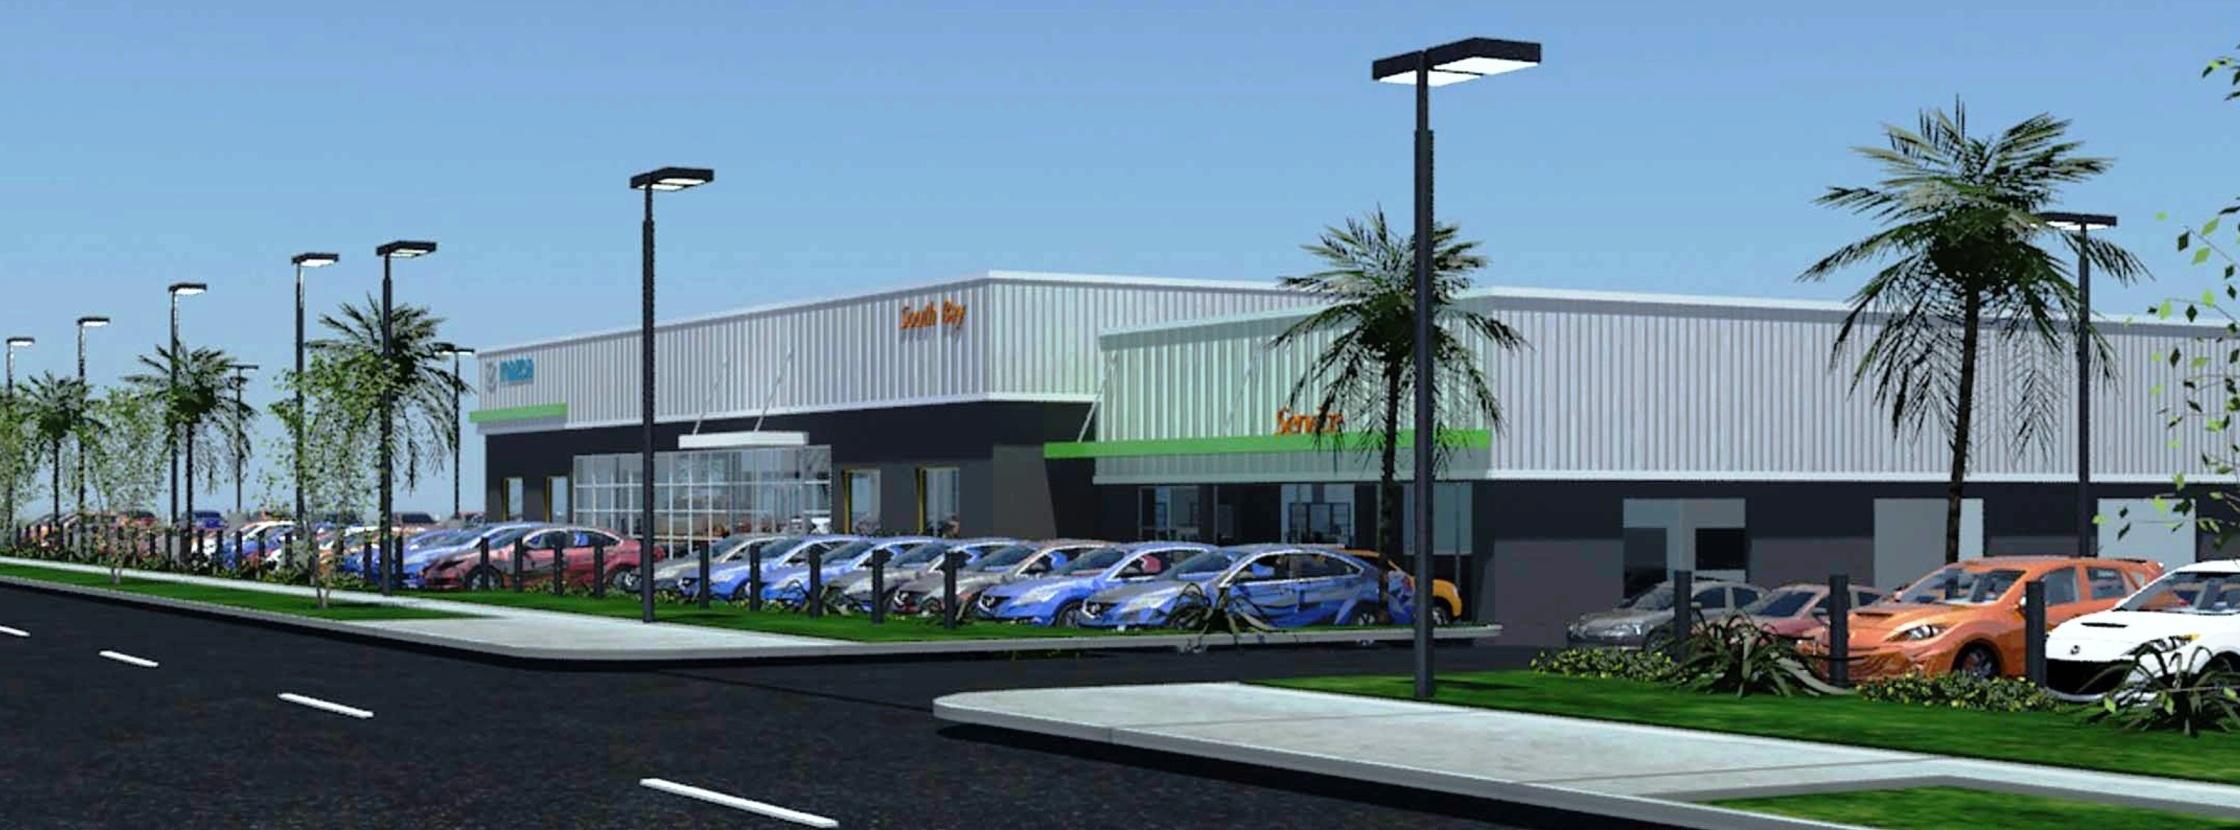 South Bay Mazda in Torrance, California